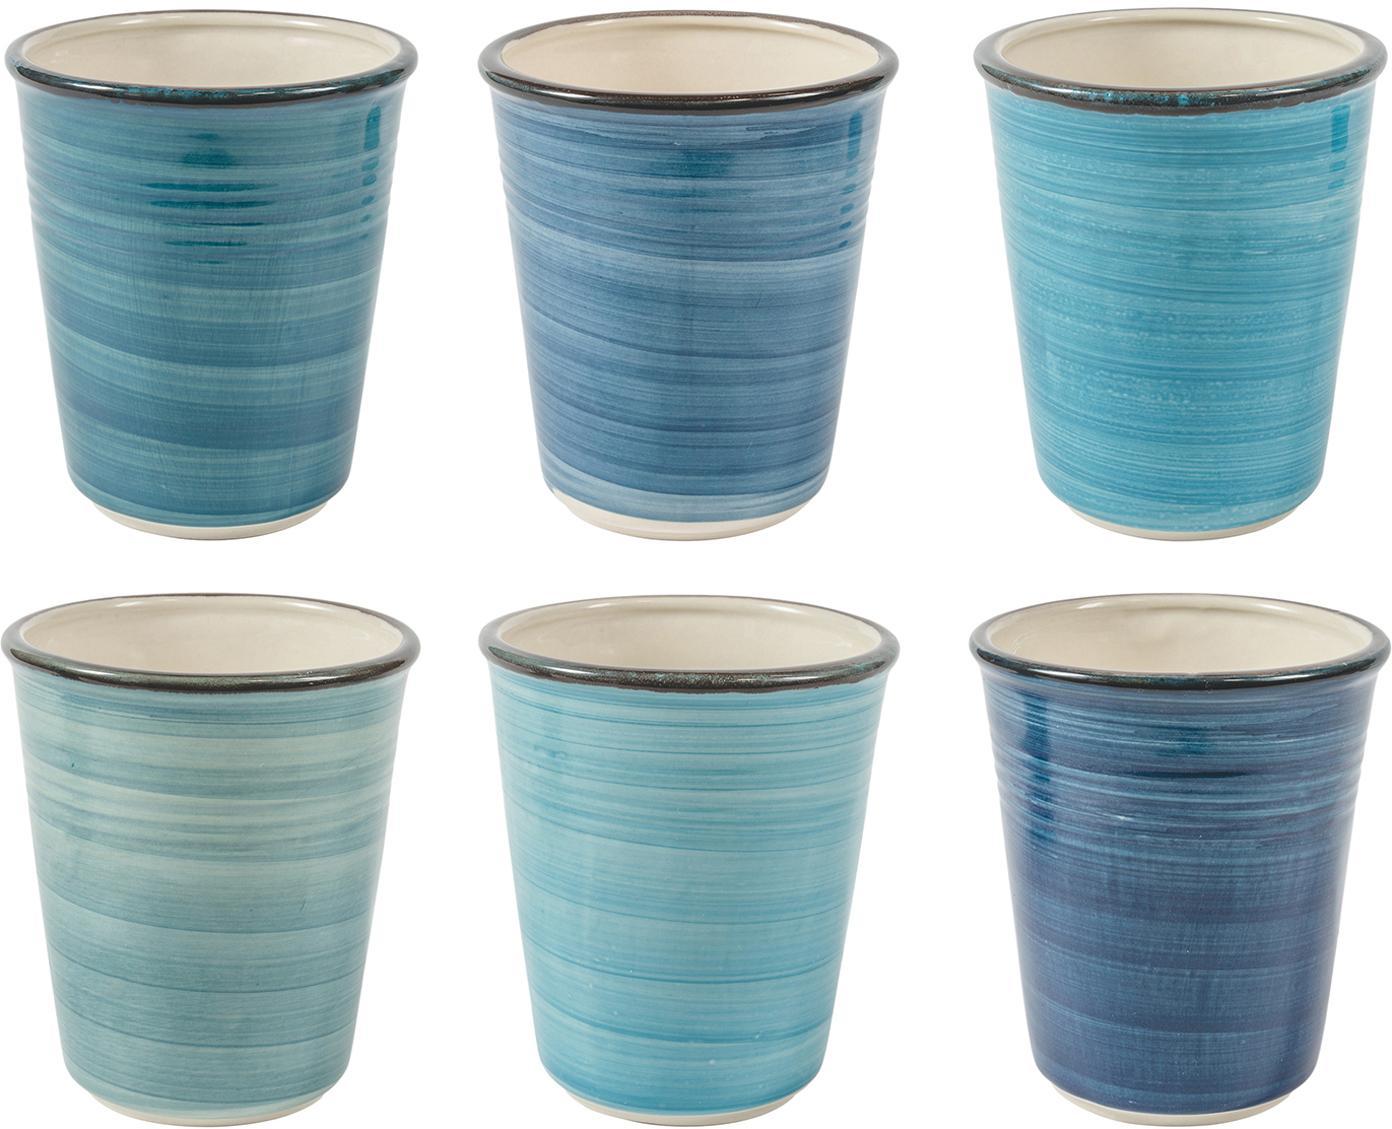 Komplet kubków Baita, 6 elem., Kamionka, Odcienie niebieskiego, szary, beżowy, Ø 9 x W 11 cm